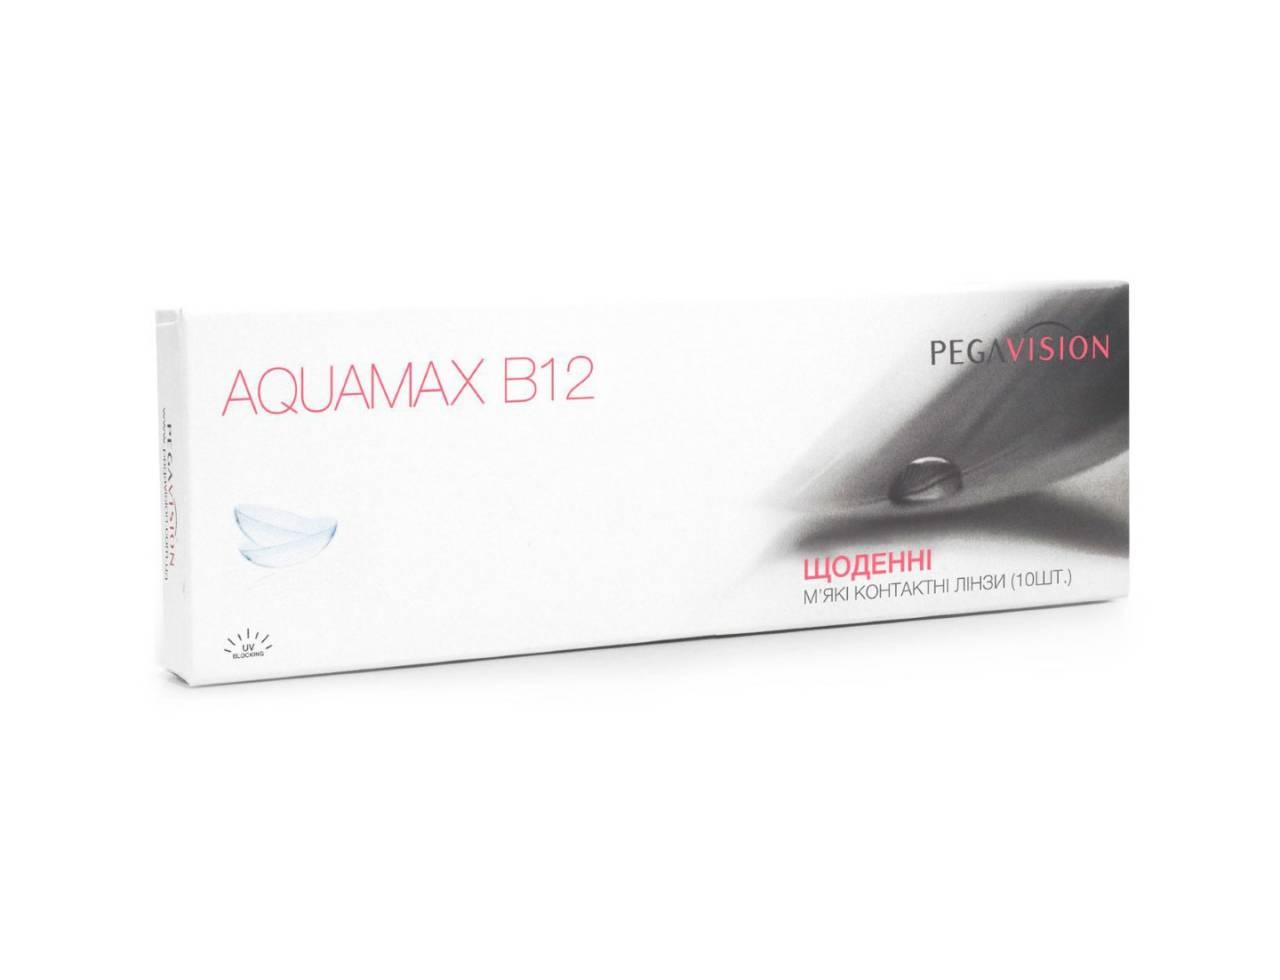 Однодневные контактные линзы Pegavision Aquamax-B12 - Фото №7